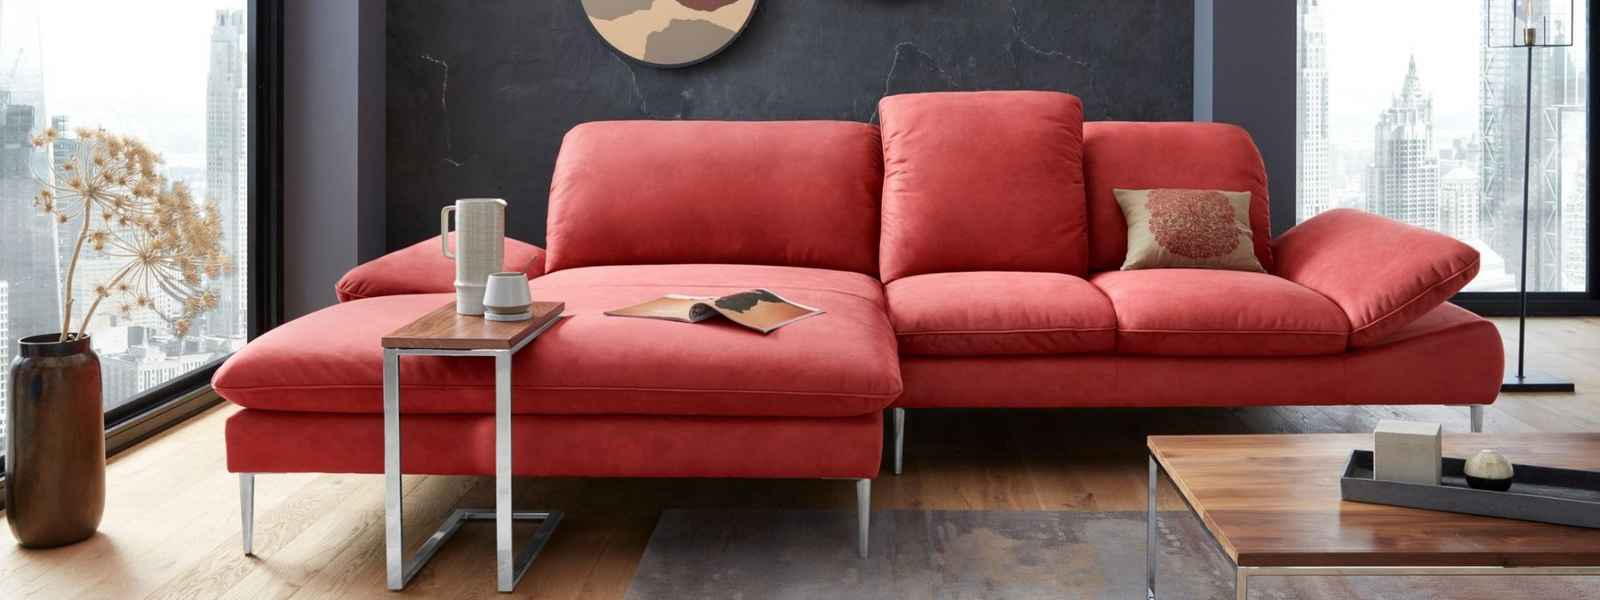 W.SCHILLIG Sofas & Couches